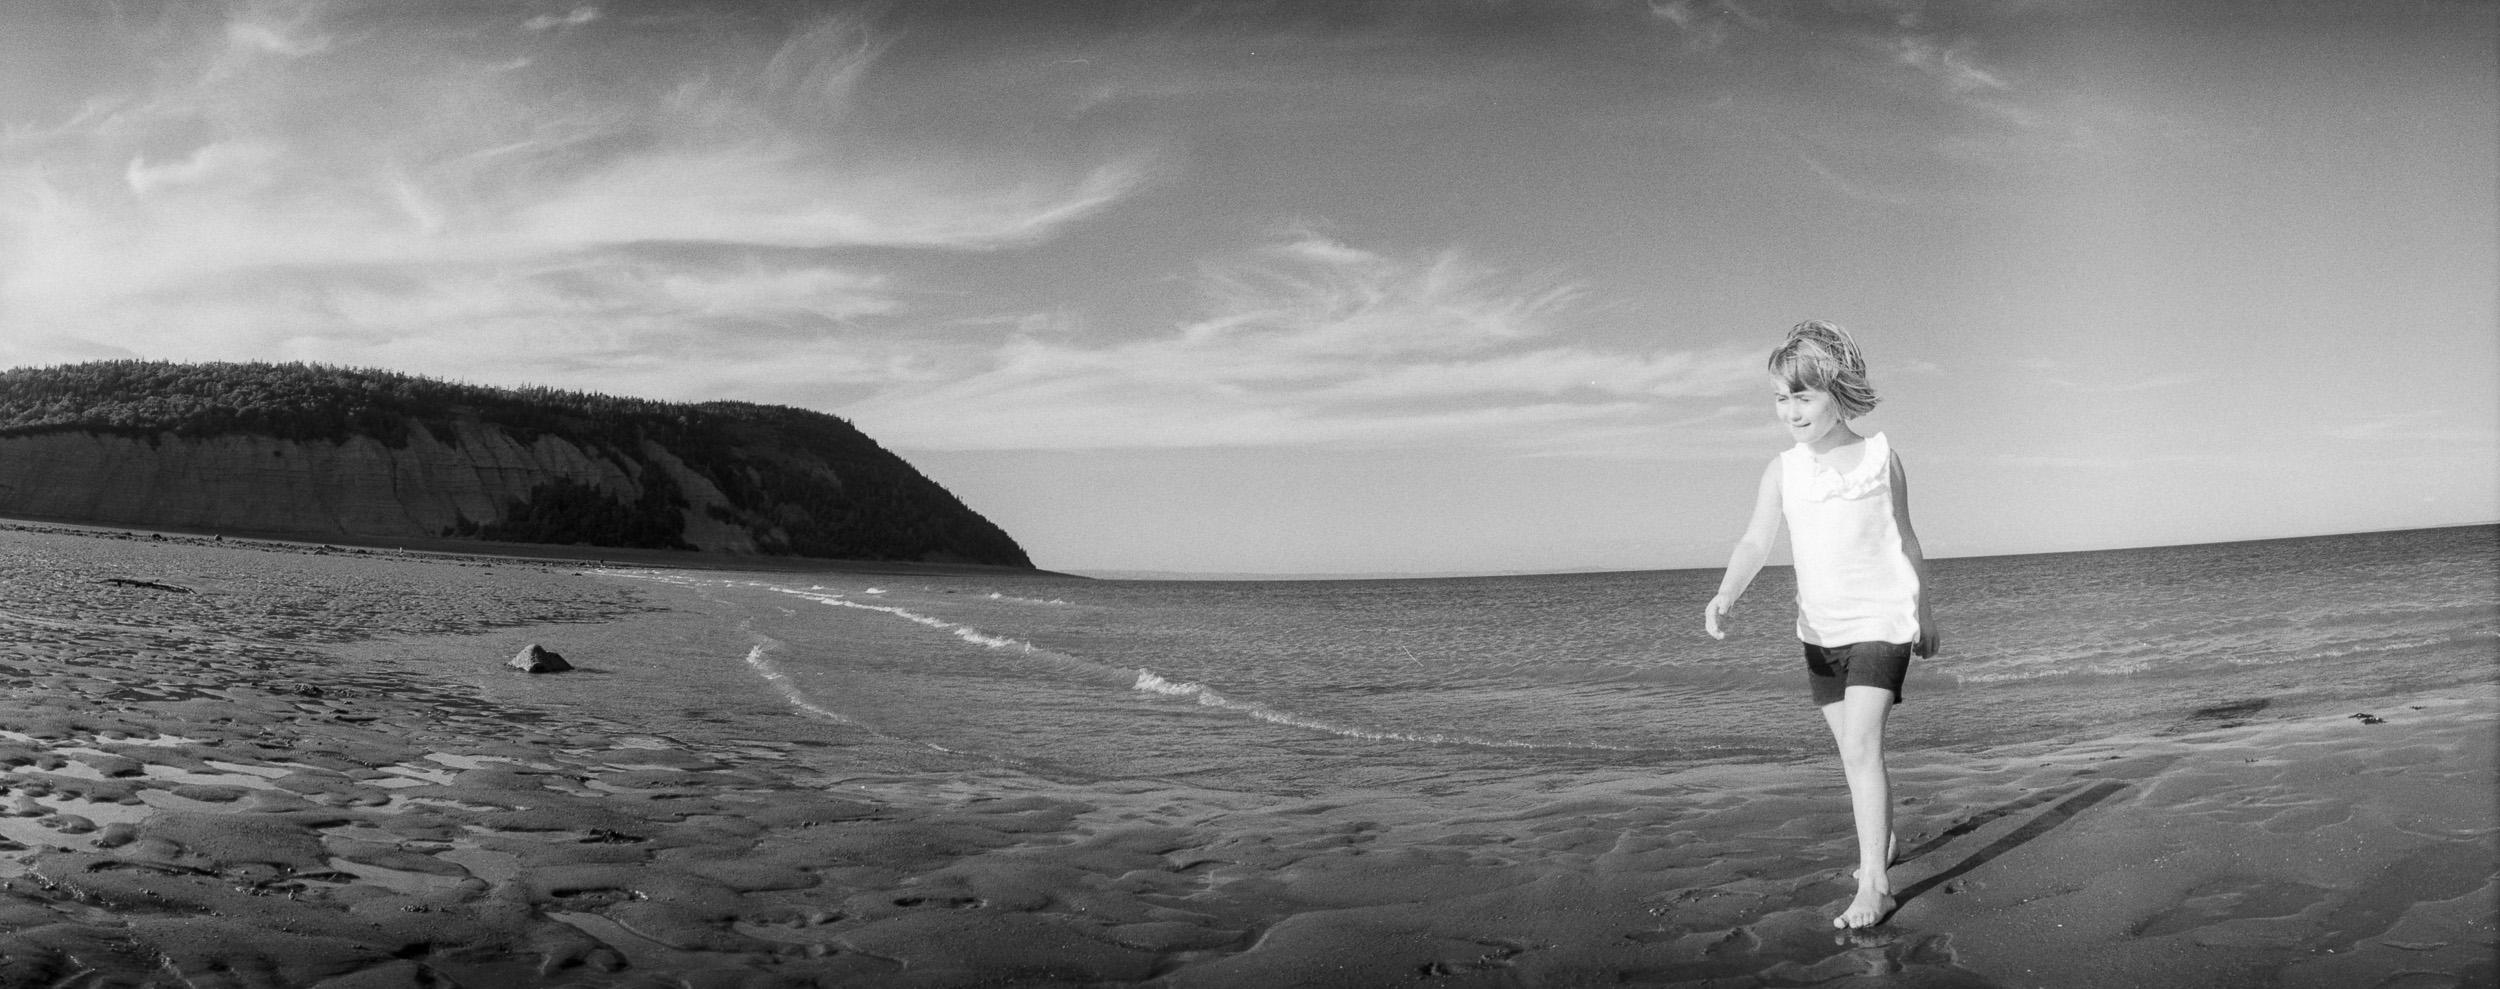 Bay of Fundy at Blomidon